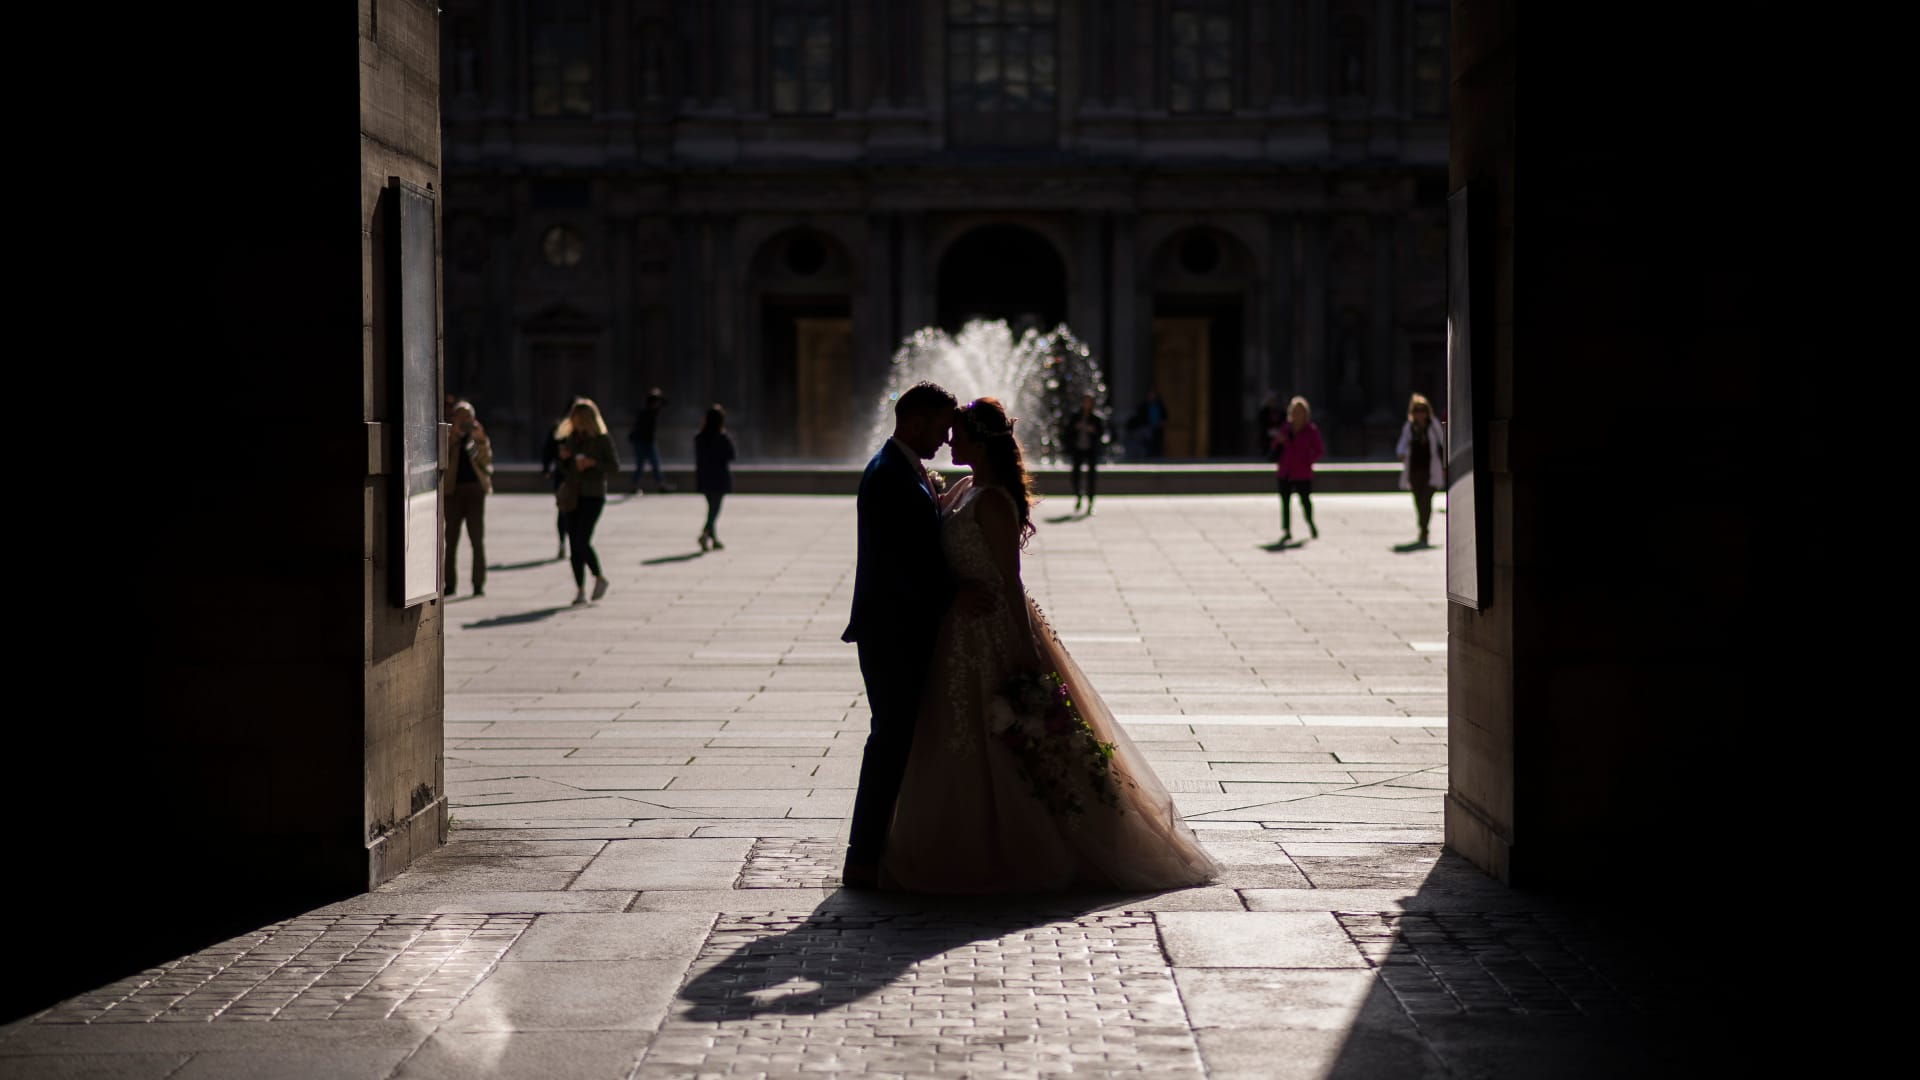 إليك بعض تقاليد الزواج بأذربيجان